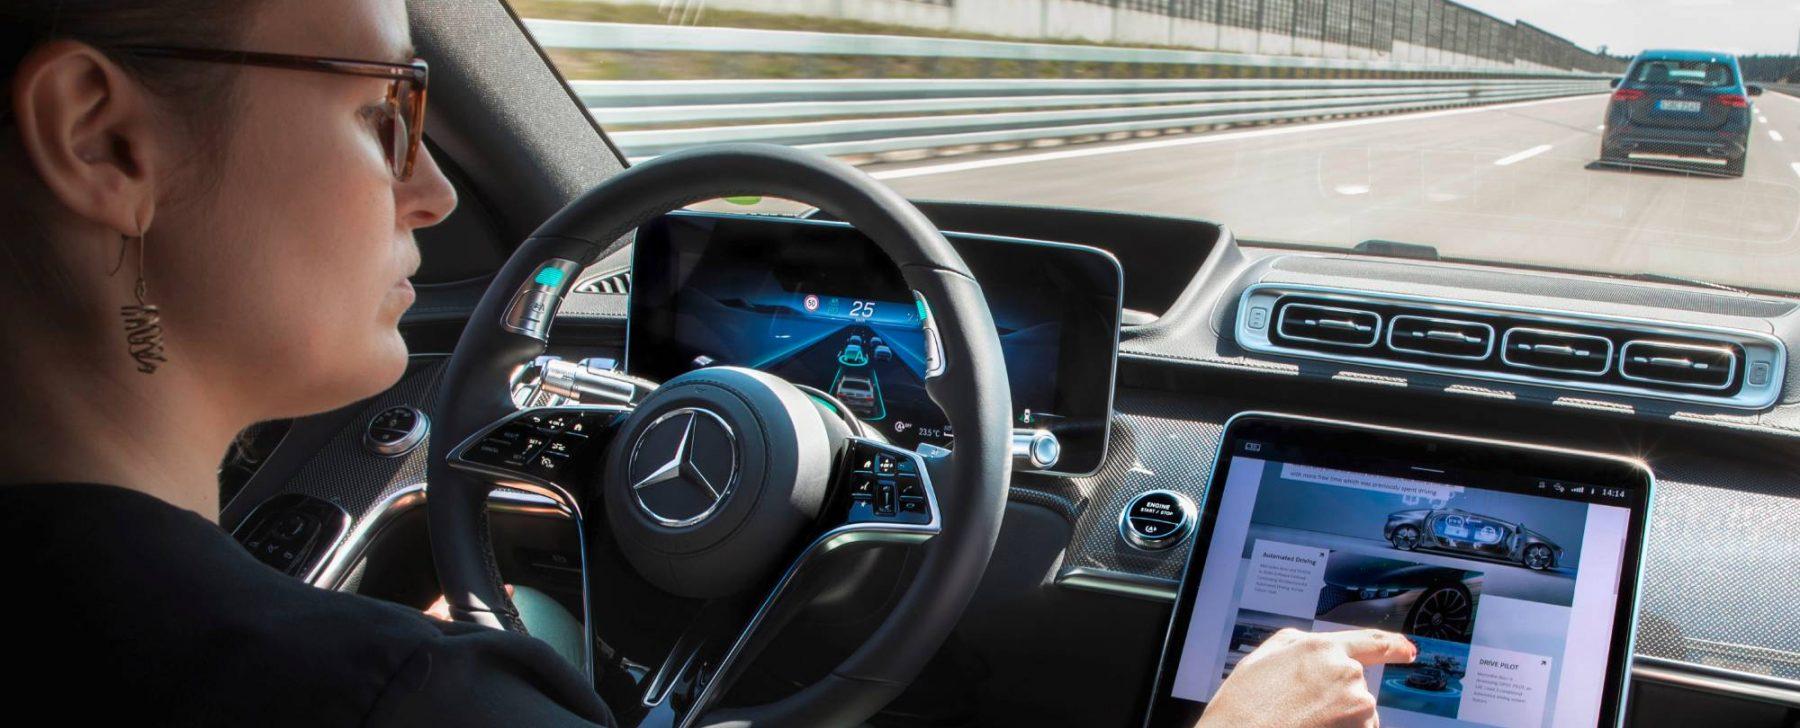 Las funciones de ciencia-ficción de los nuevos coches superdotados